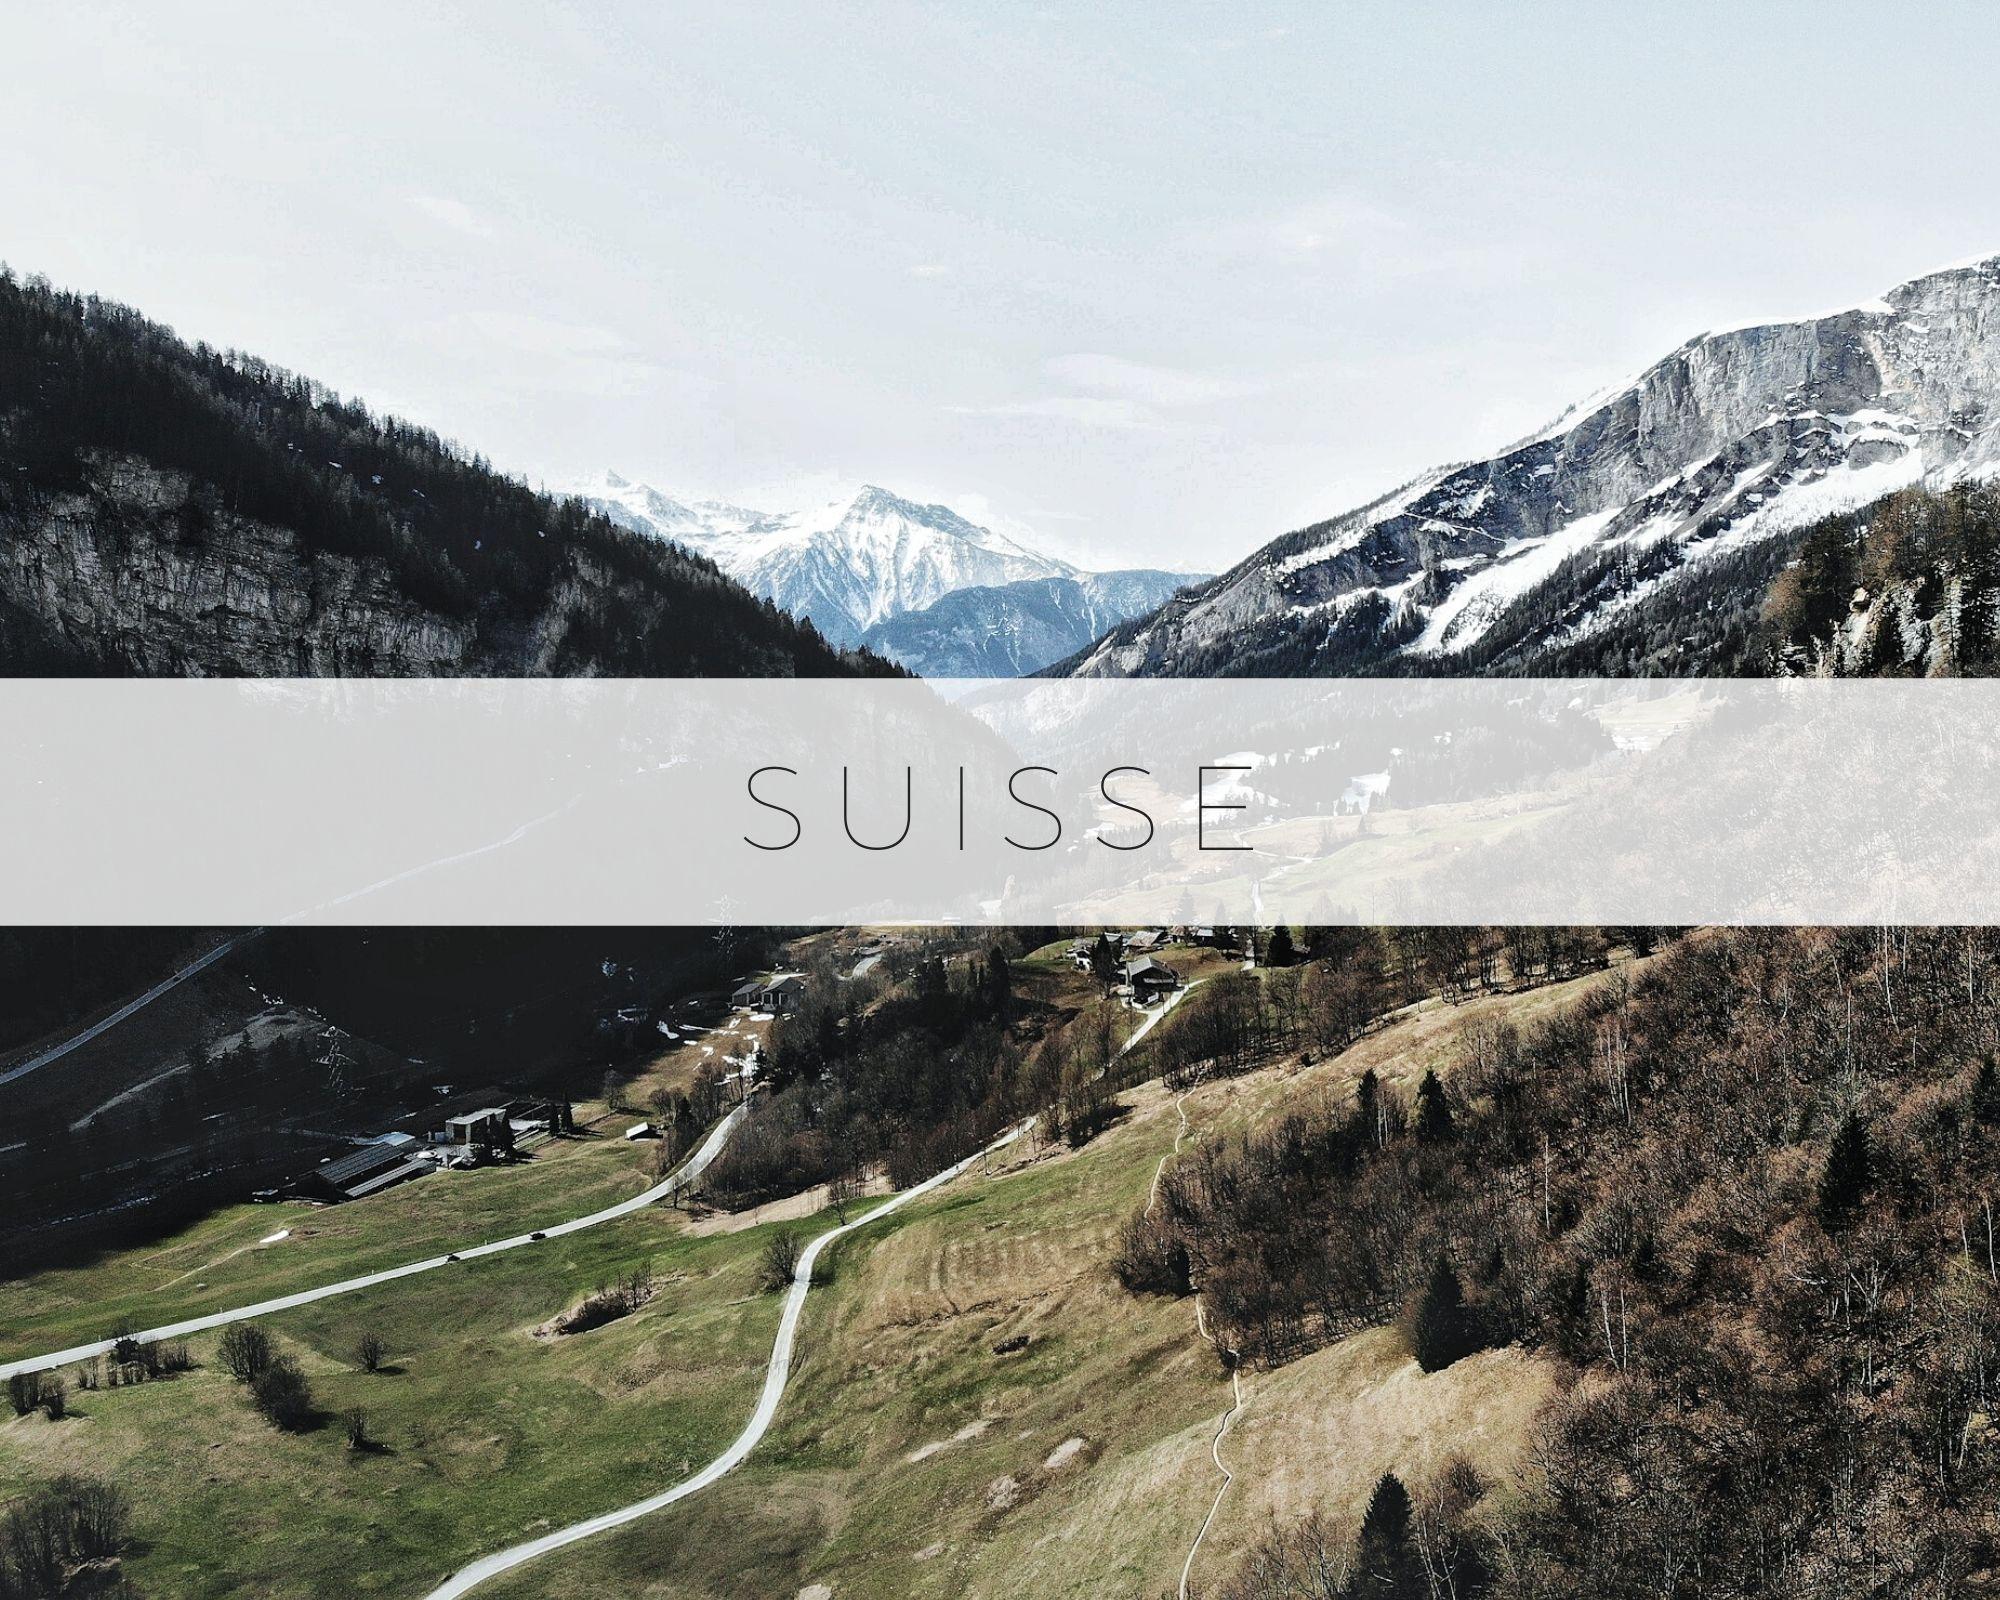 Suisse Montagnes Lacs Voyage Travel Destination Blog